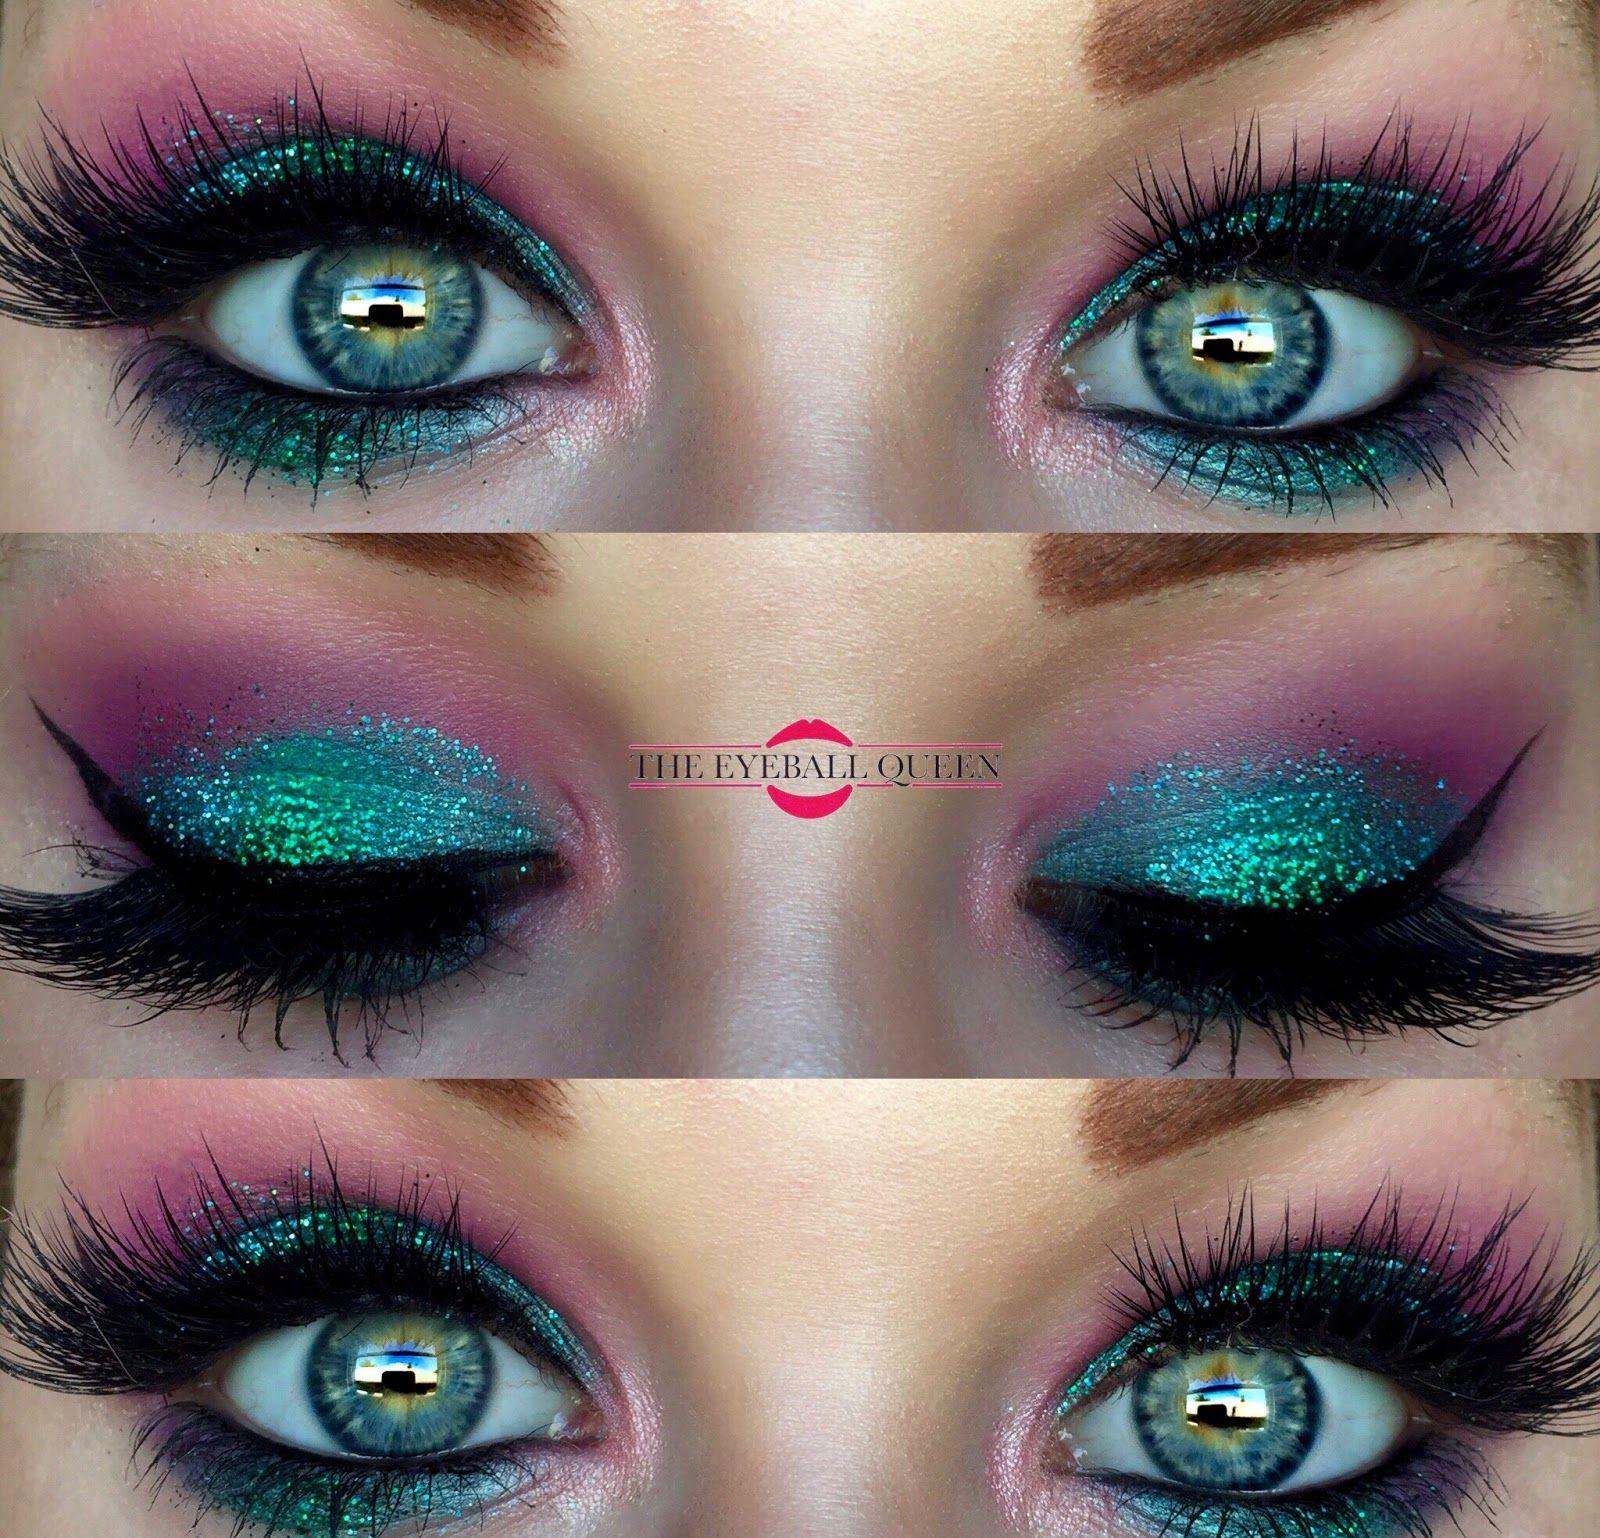 Madelaine petsch disney's little mermaid makeup tutorial.